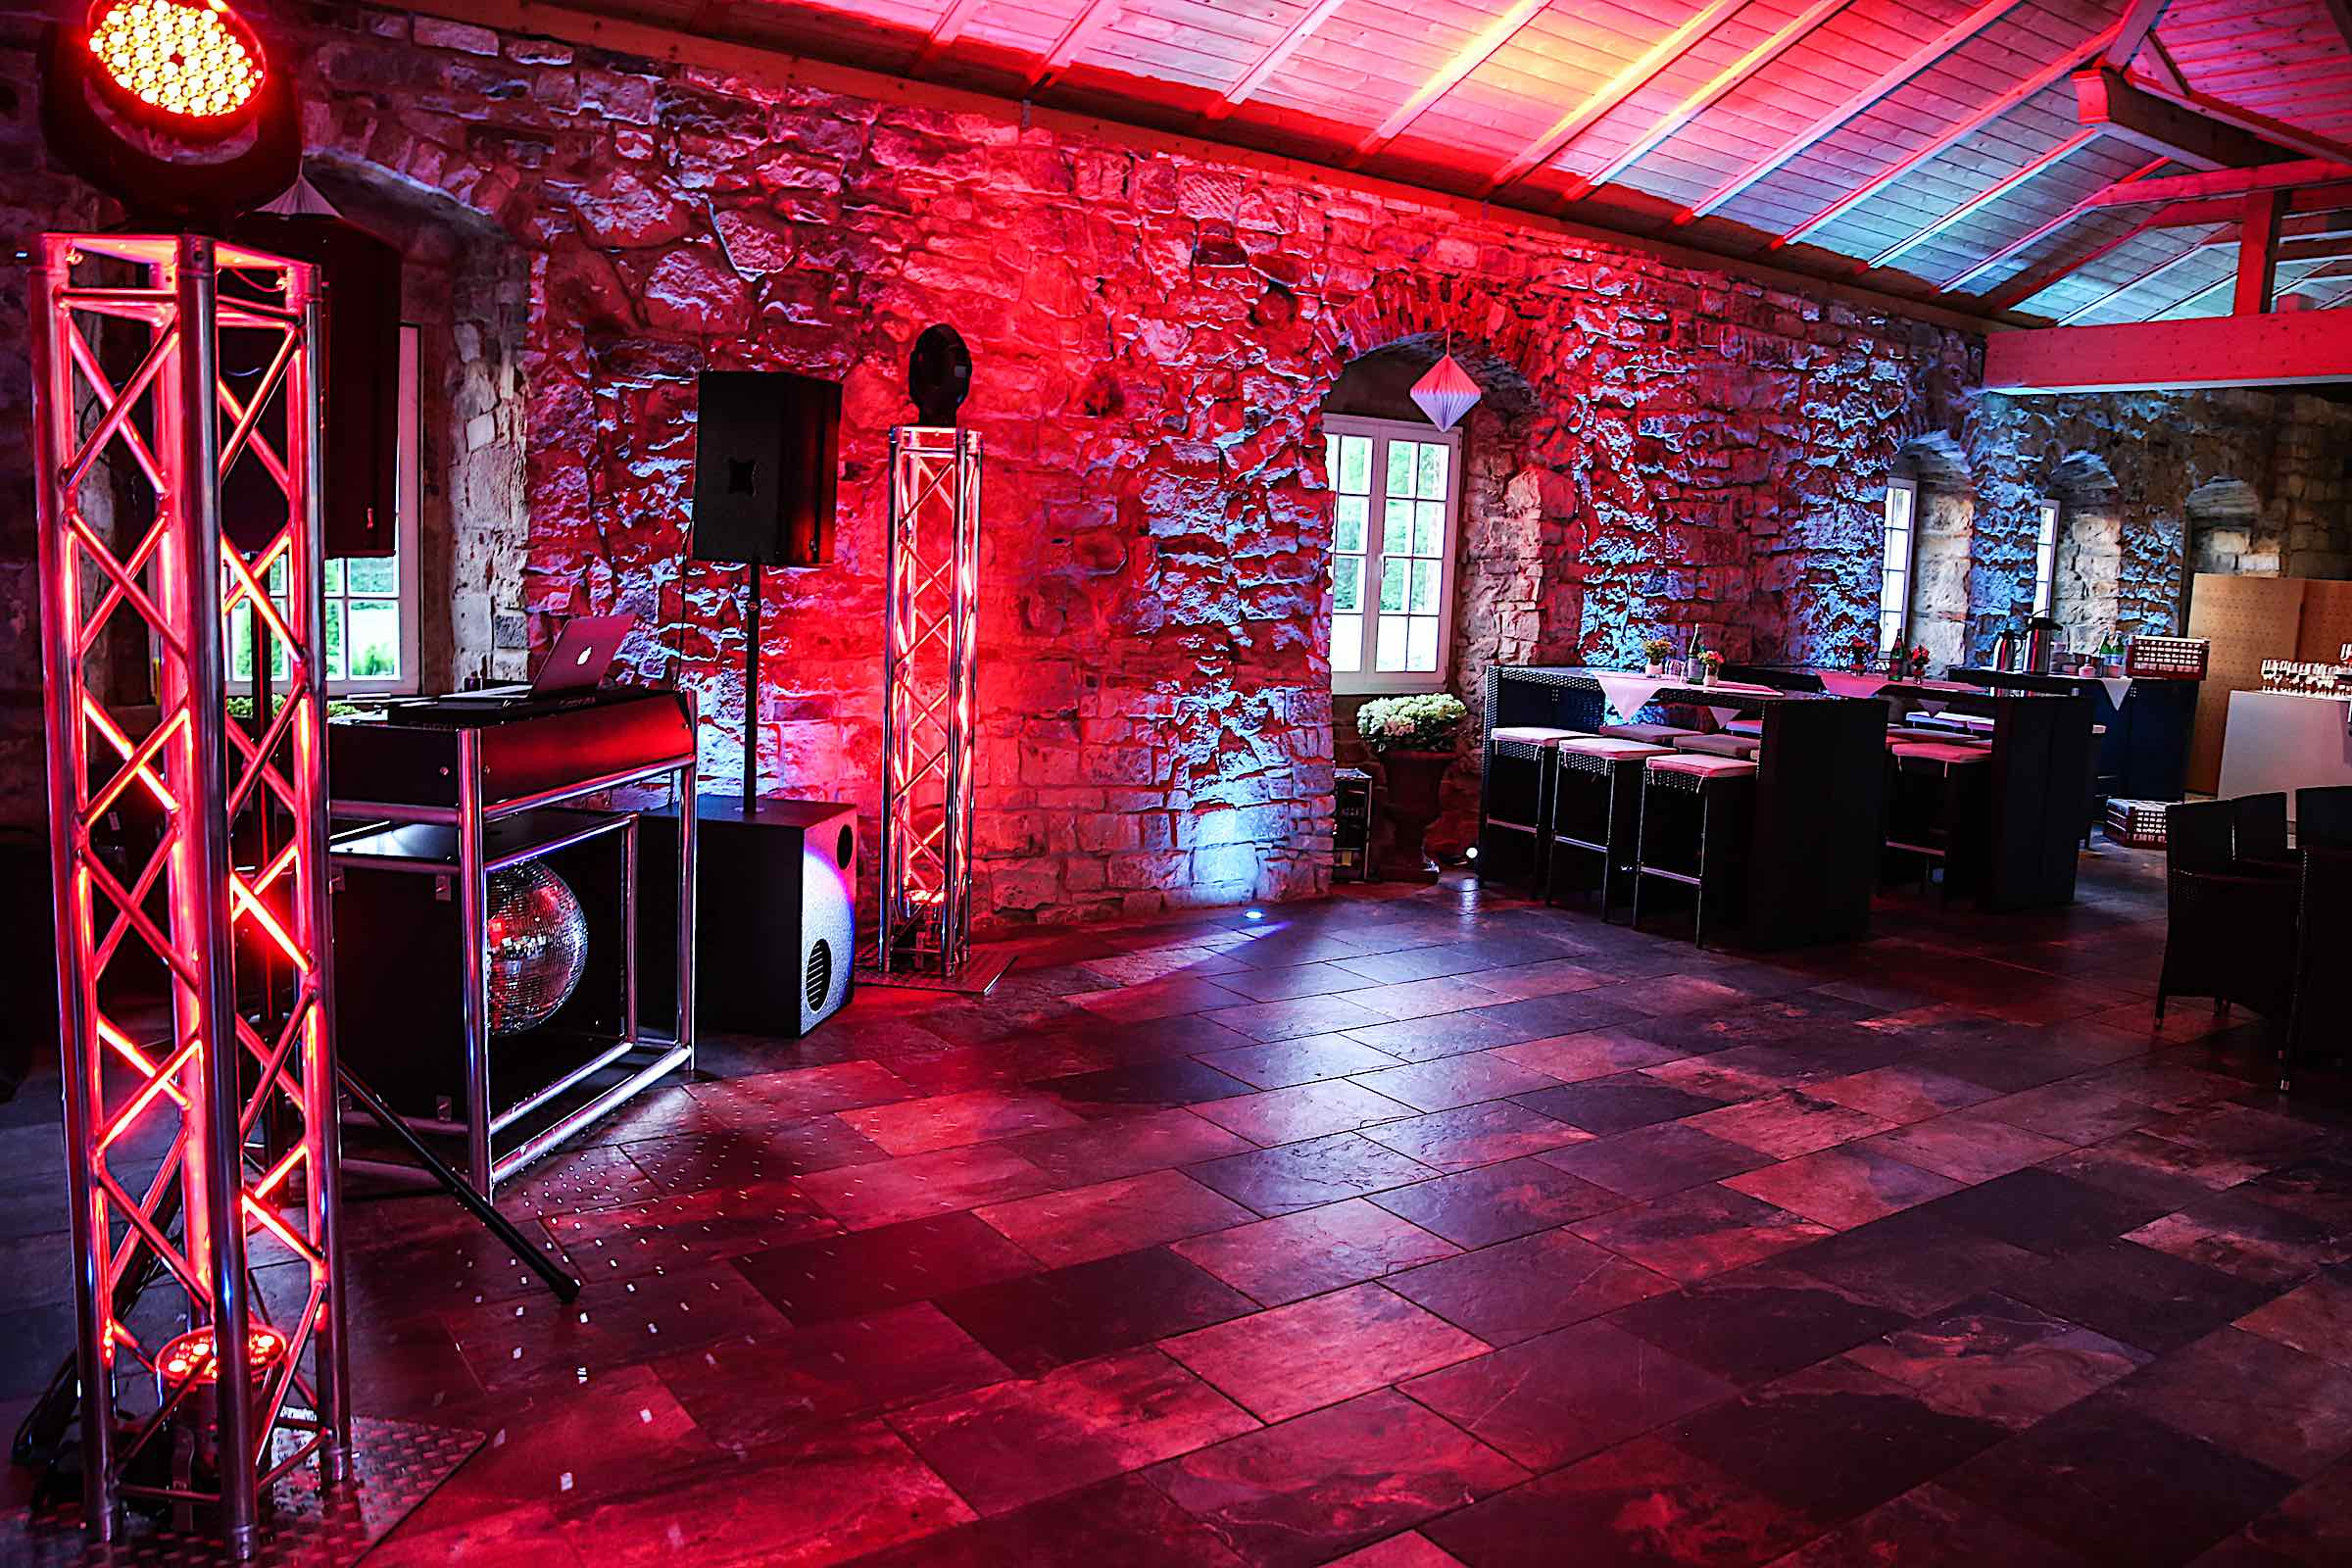 Schloss | Hammerstein | Apelern | Hochzeit | Geburtstag | Firmenfeier | Referenz | Location | DJ | Fotografie | Beleuchtung | Hochzeitsplanung | Hochzeitsplaner | Lehmann | Eventservice